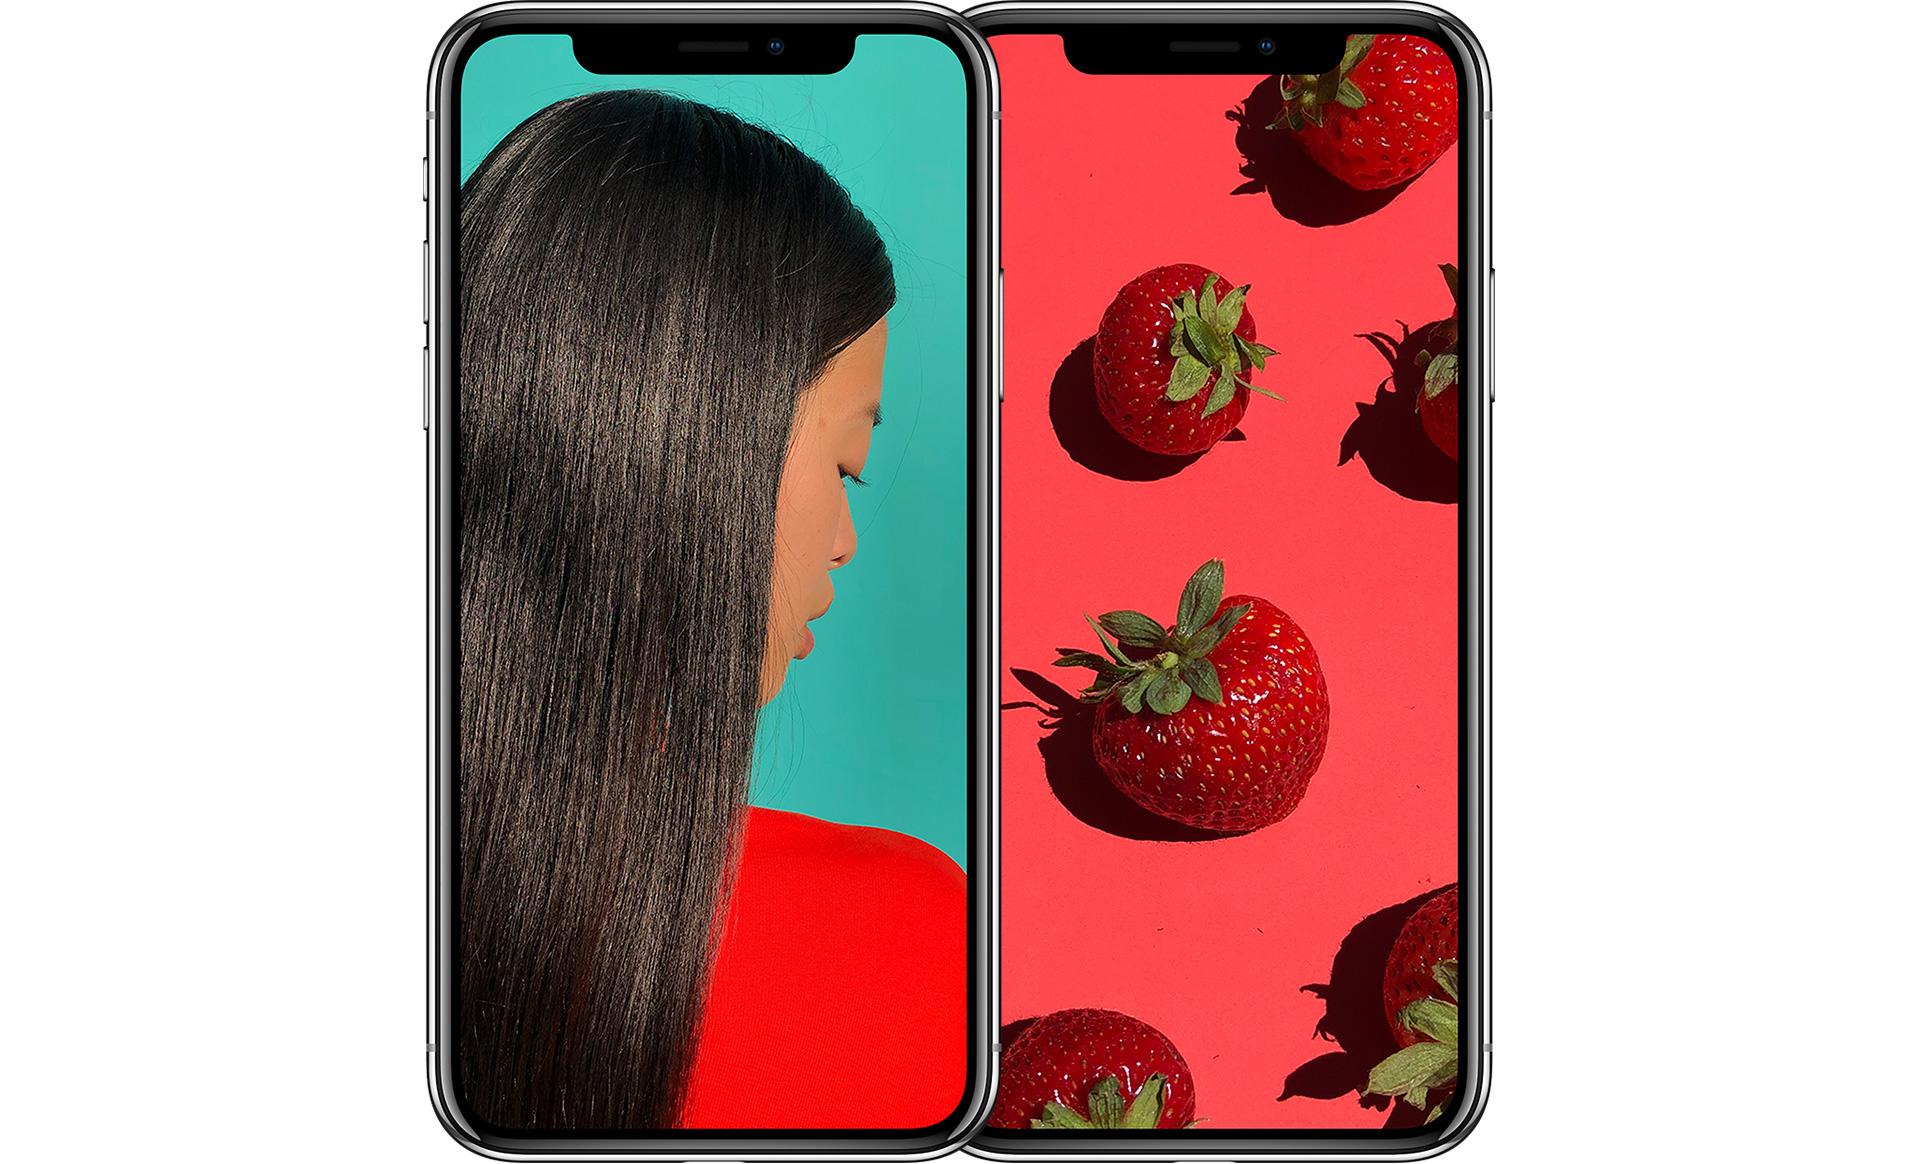 【2018秋発売】新型iPhone予想情報まとめ!噂の3モデルとは?